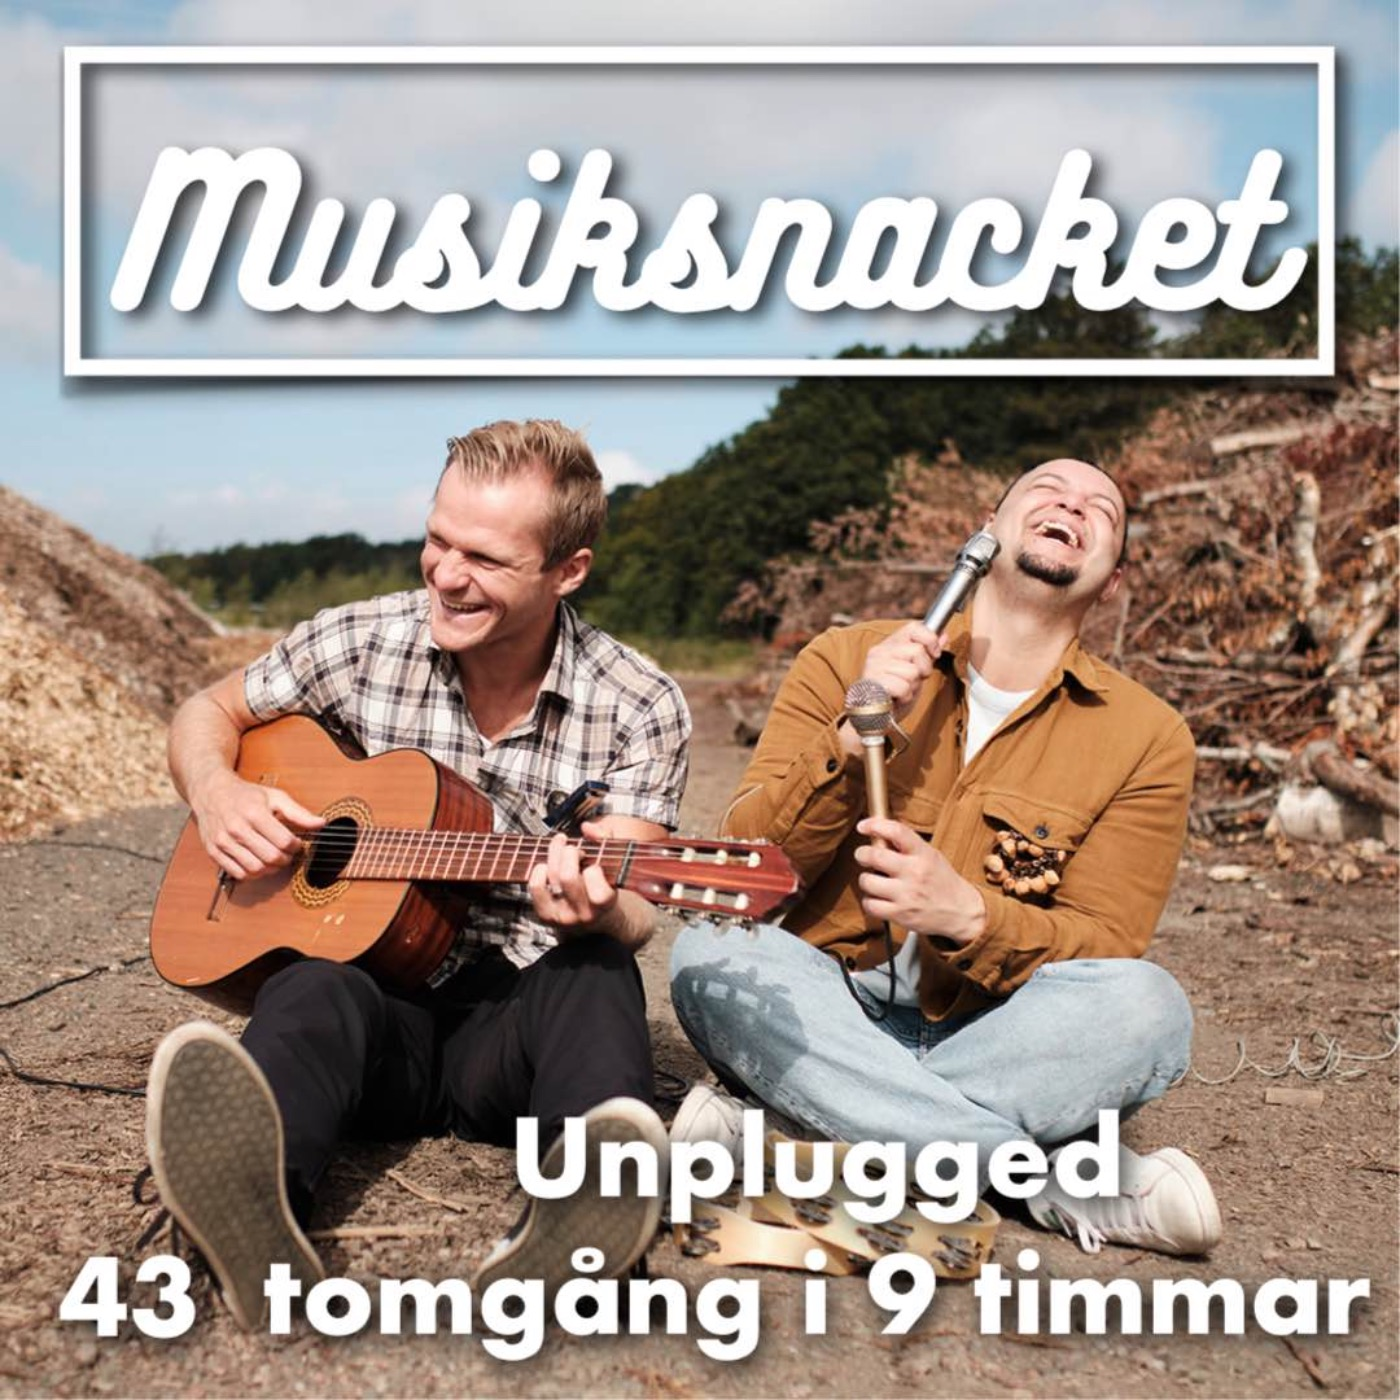 43. Unplugged tomgång i 9 timmar